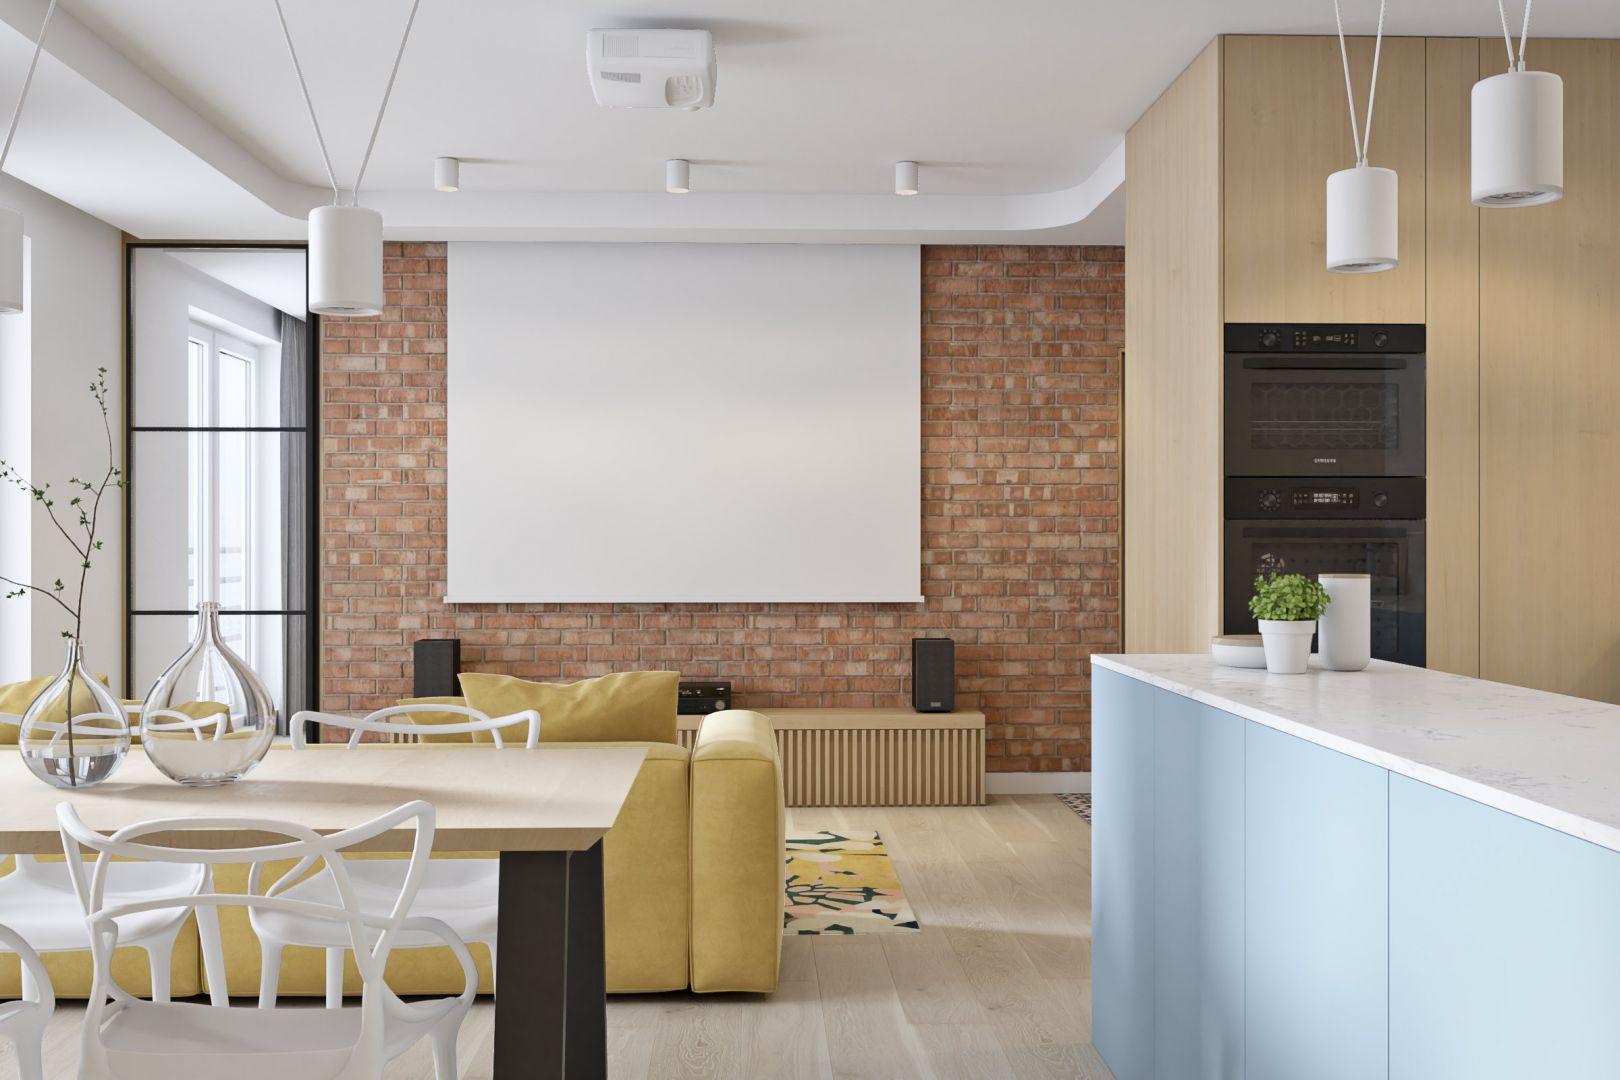 Ścianę za projektorem w salonie zdobi cegła. Projekt i wizualizacje: Mateusz Limanówka, Spacja Studio